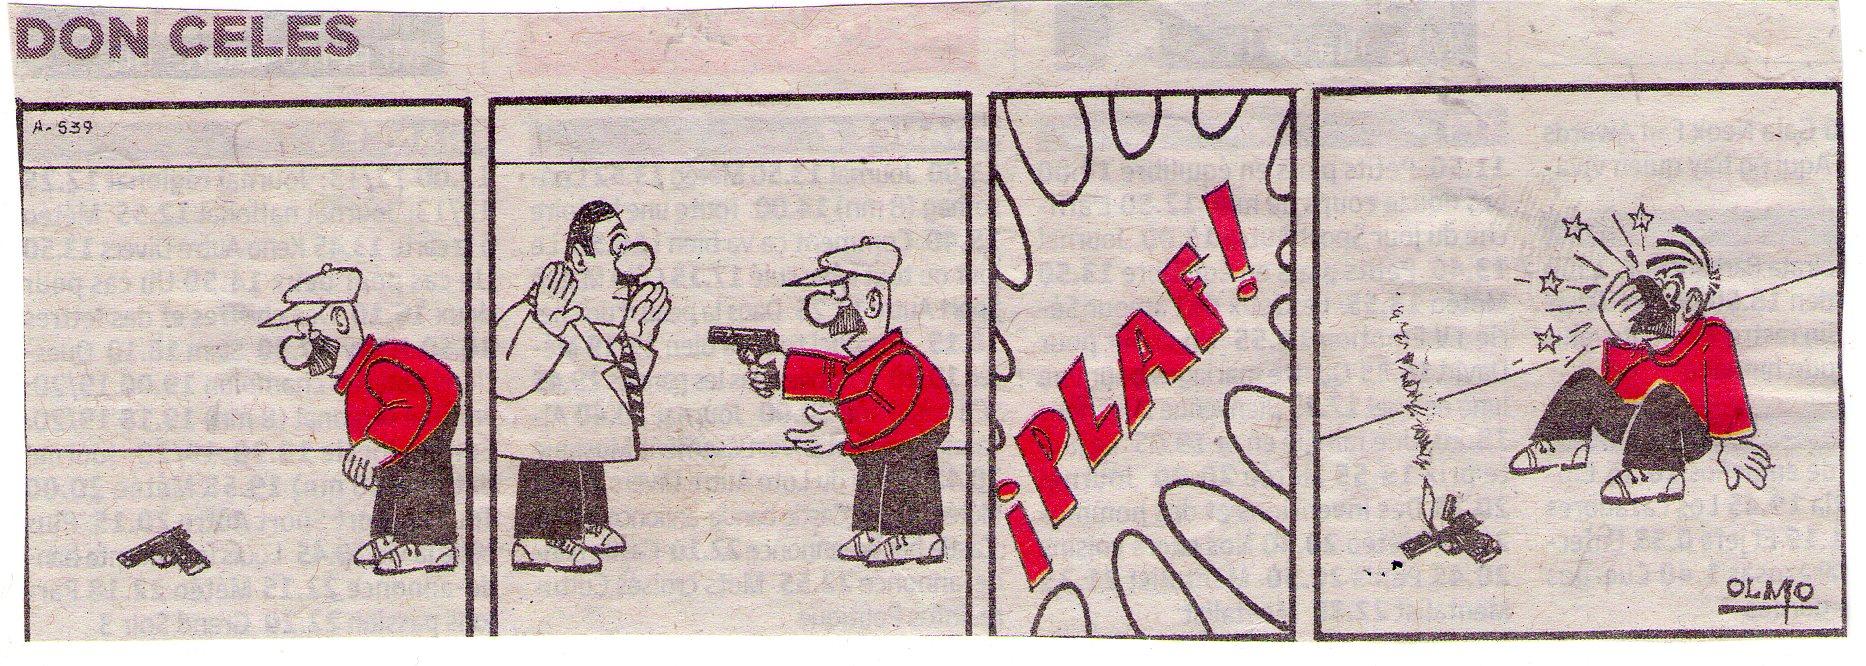 Don Celes con una pistola